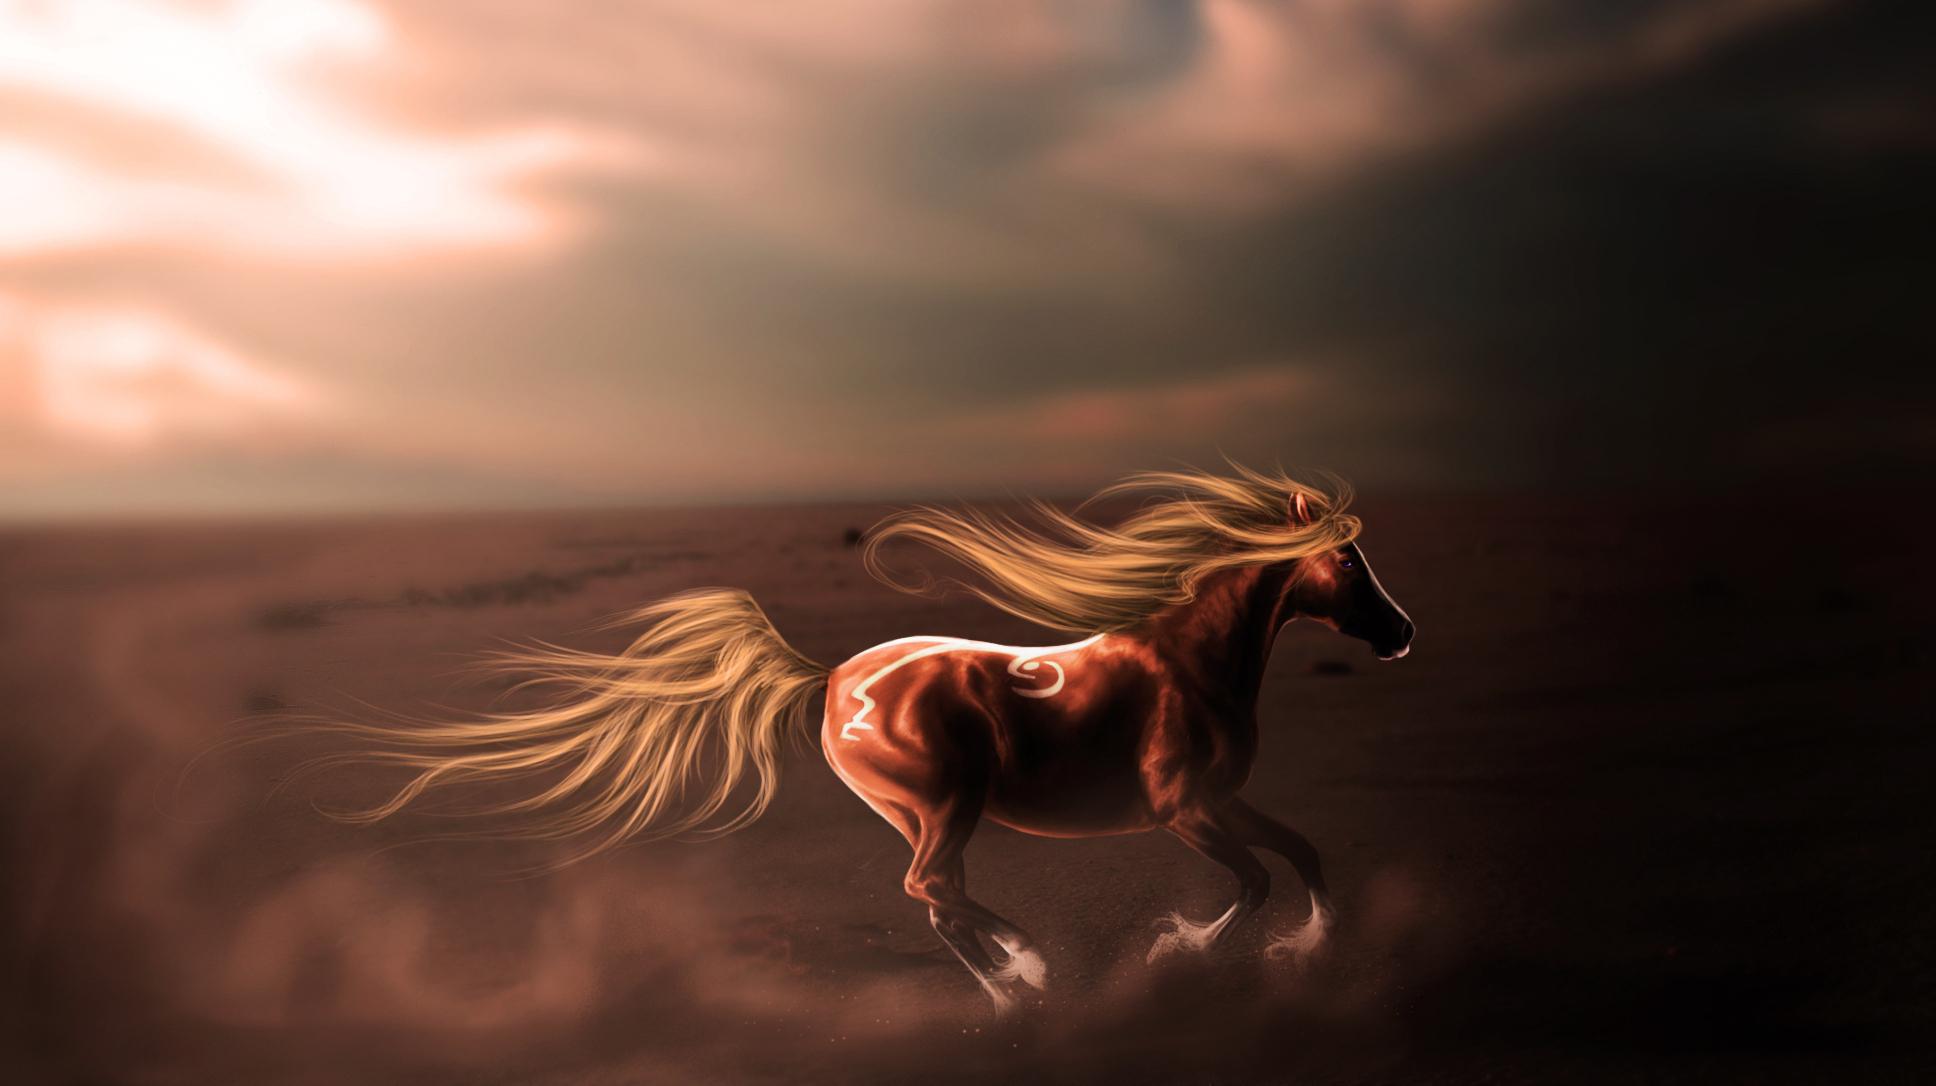 лошадь с гривой  № 3127223 бесплатно